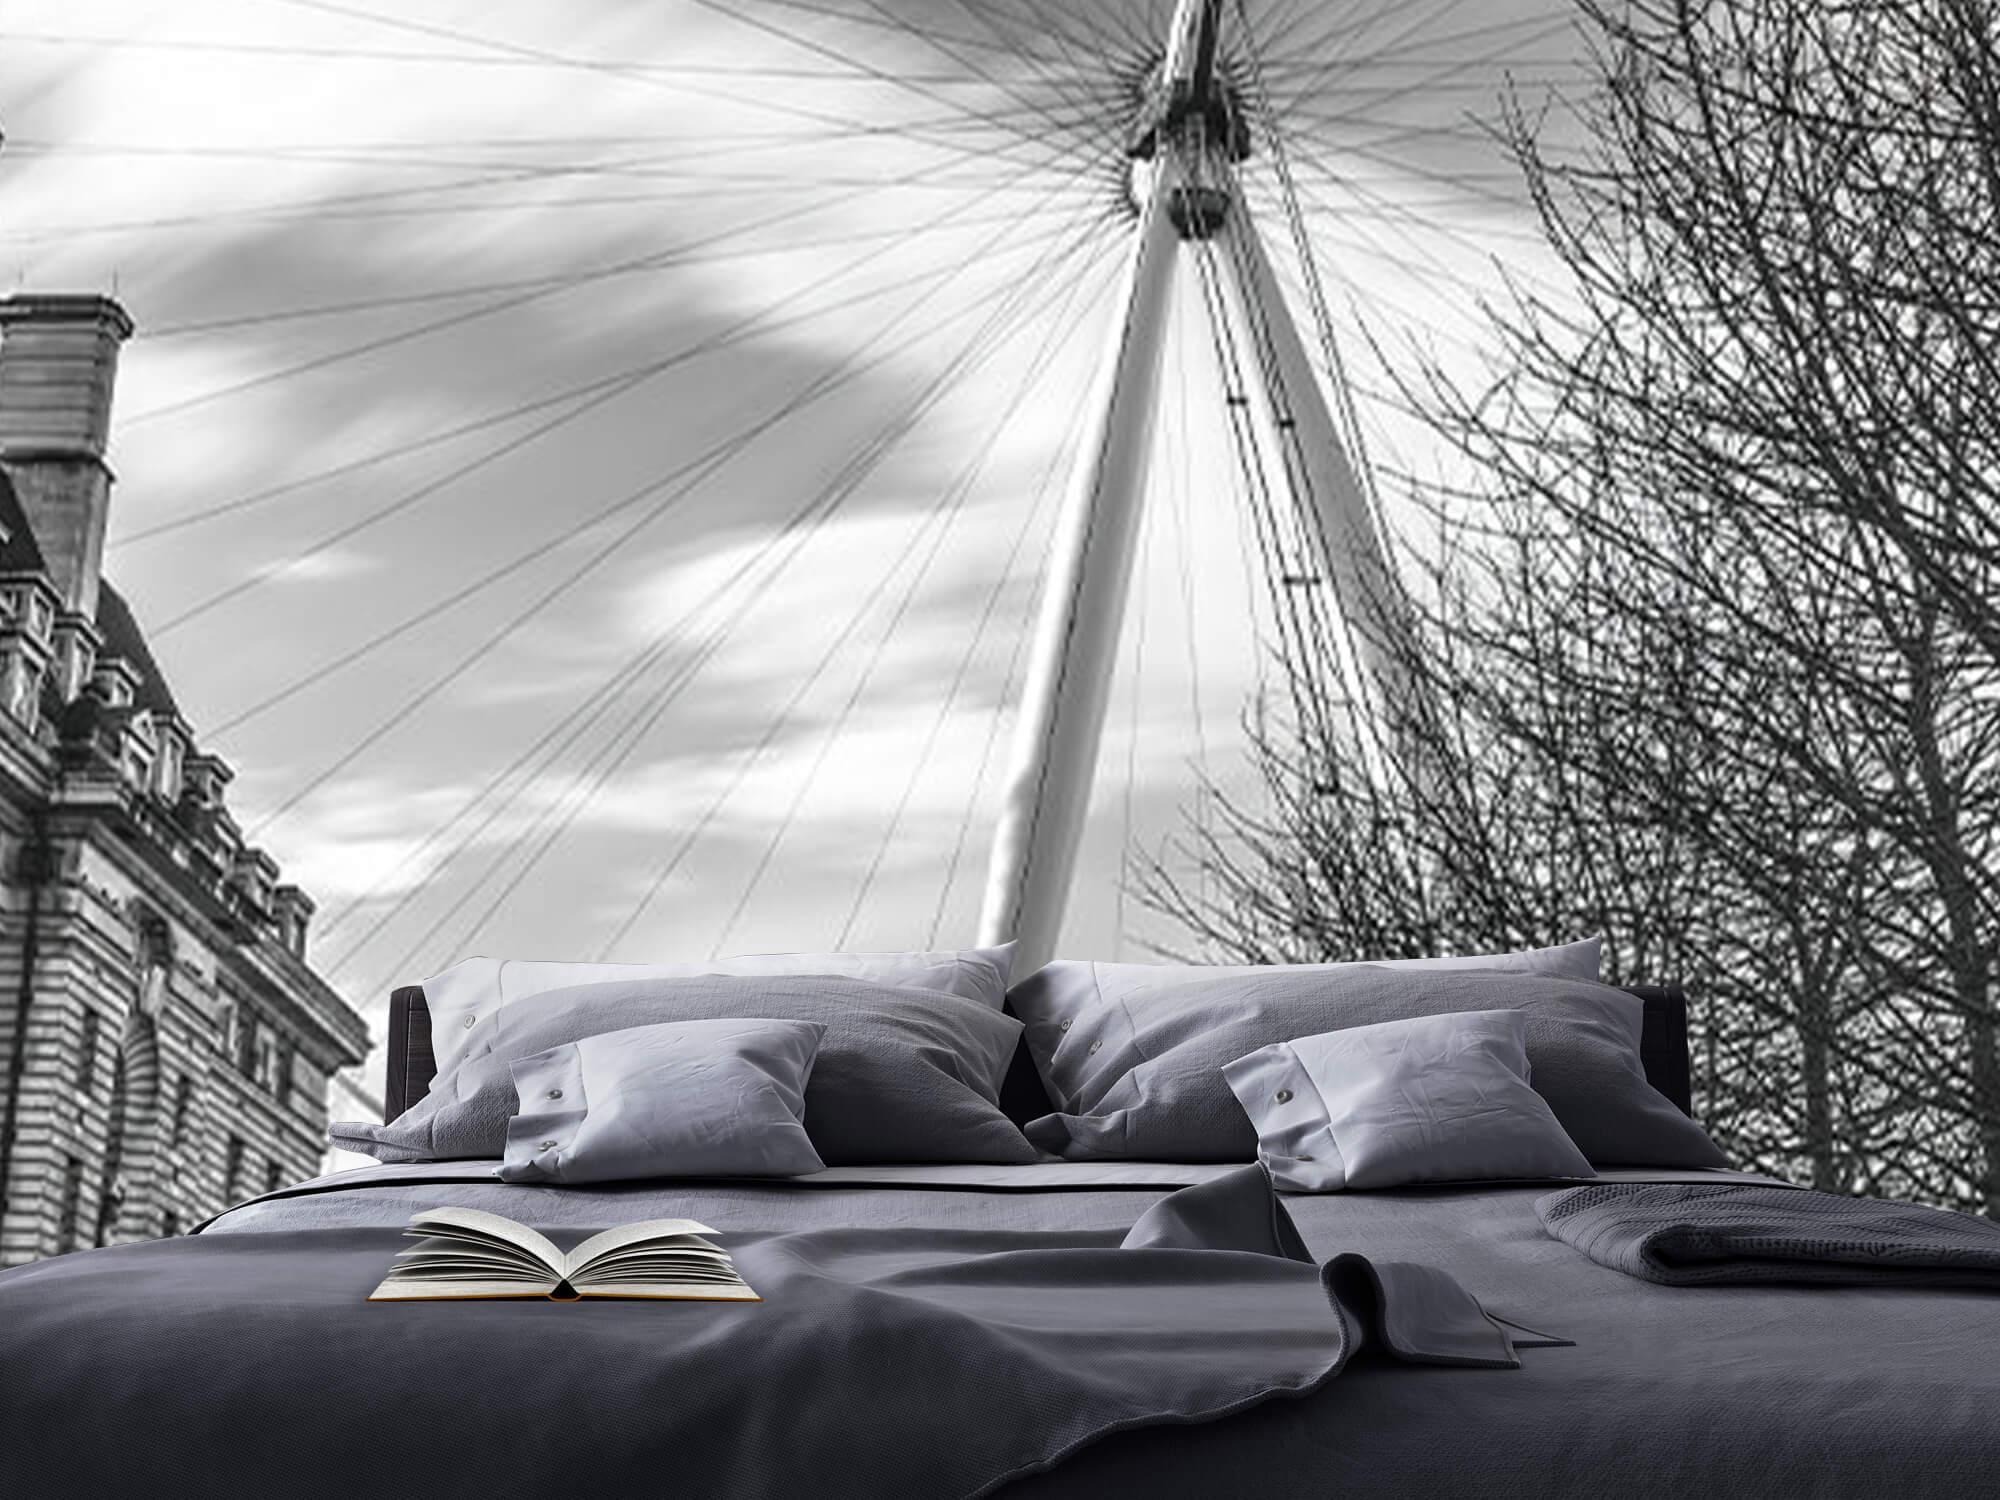 Ferris wheel in London 18